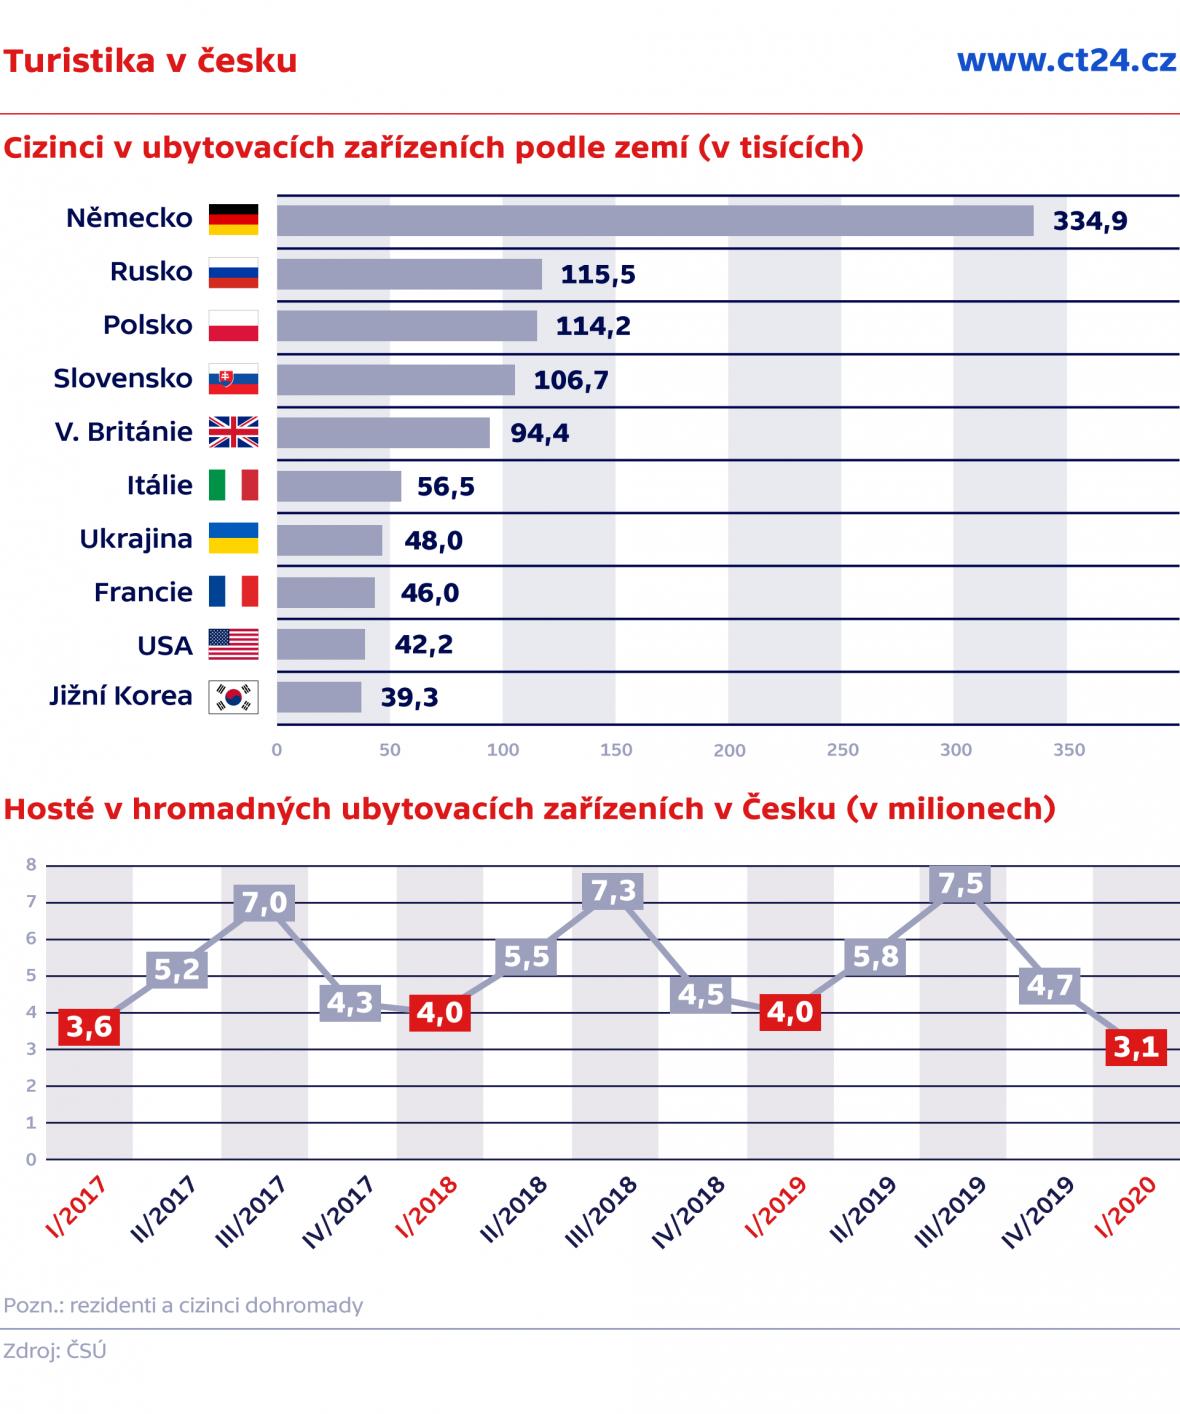 Turistika v Česku